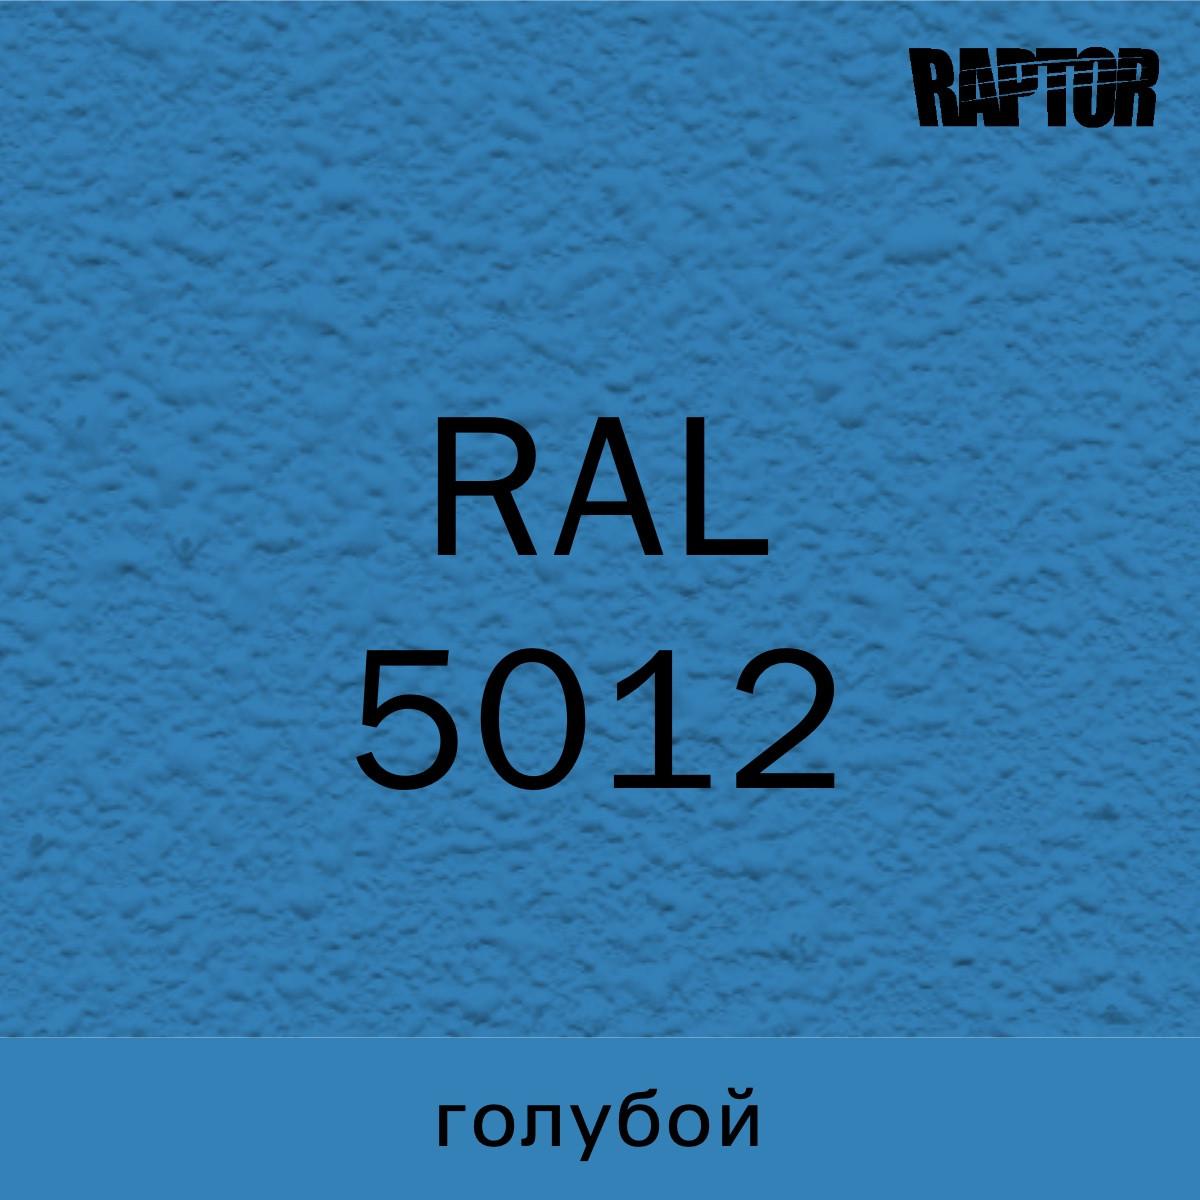 Пигмент для колеровки покрытия RAPTOR™ Голубой (RAL 5012)